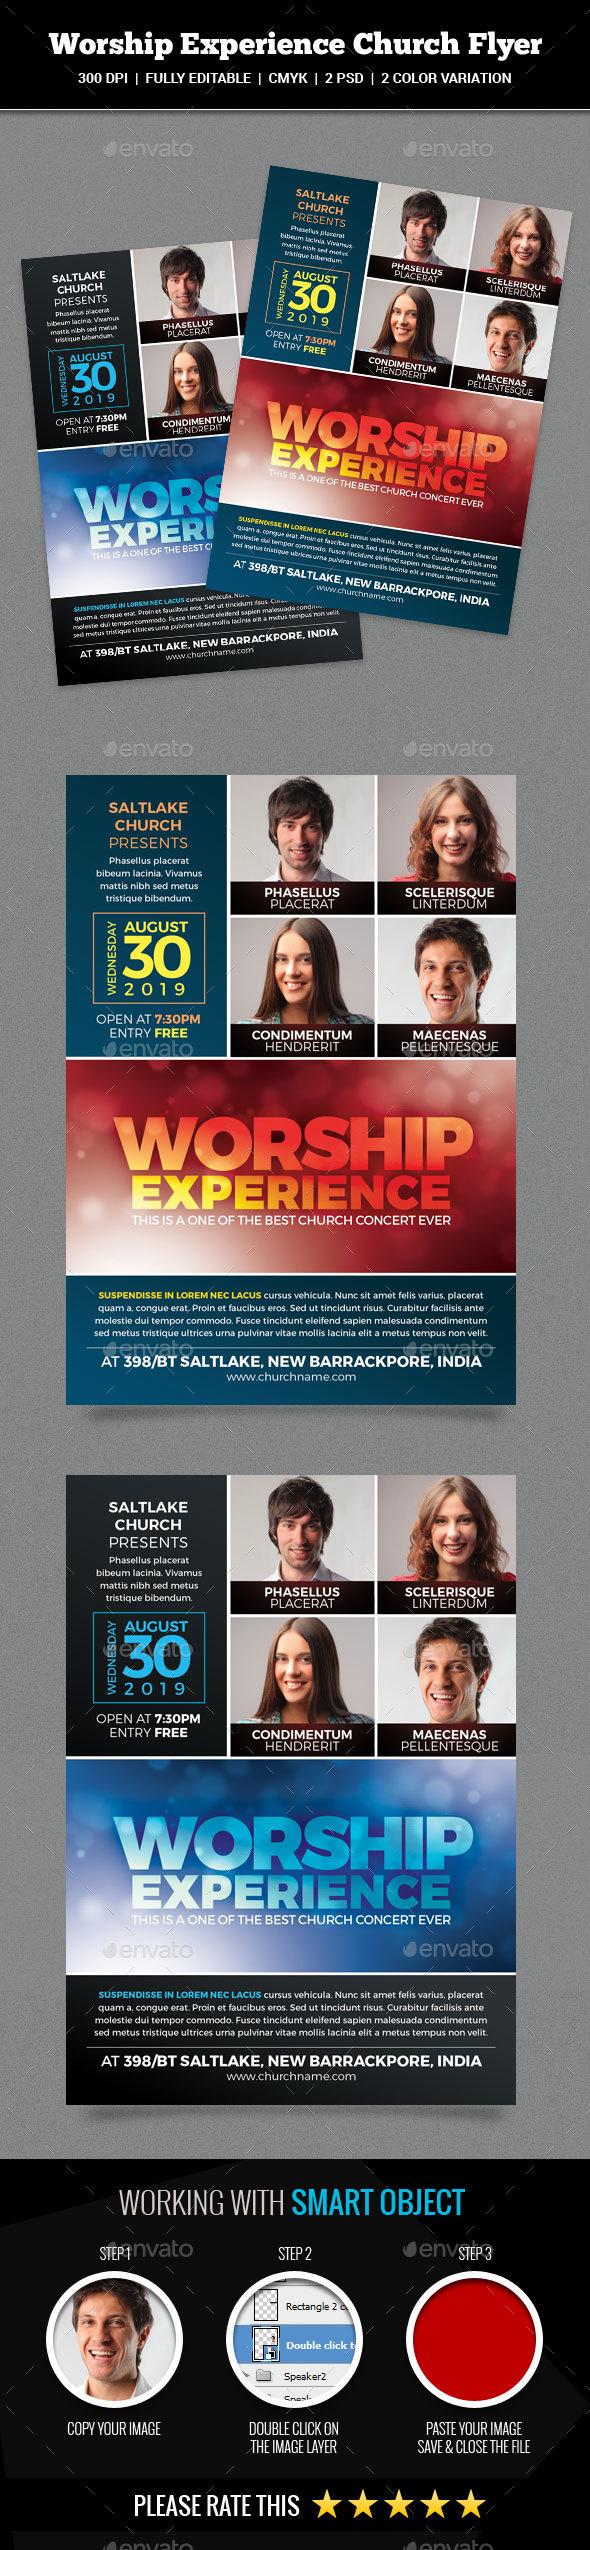 Worship Experience Church Flyer - Church Flyers